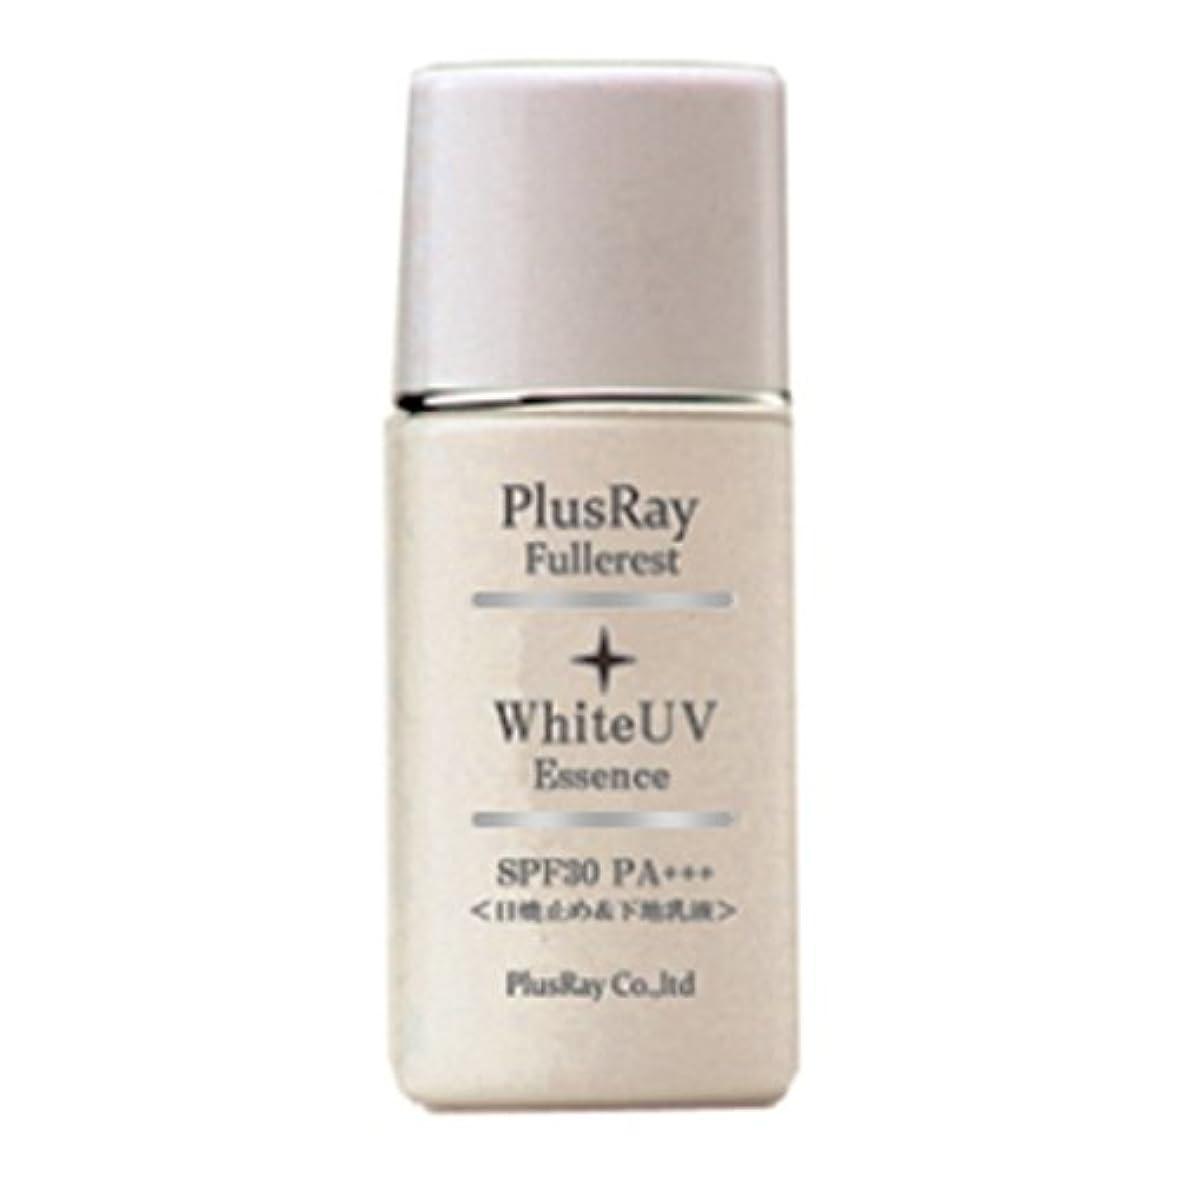 設計図退院バラエティプラスレイ(PlusRay)化粧品 フラーレスト ホワイト UV エッセンス 化粧下地 紫外線対策 A波 B波 対応 乳液タイプ